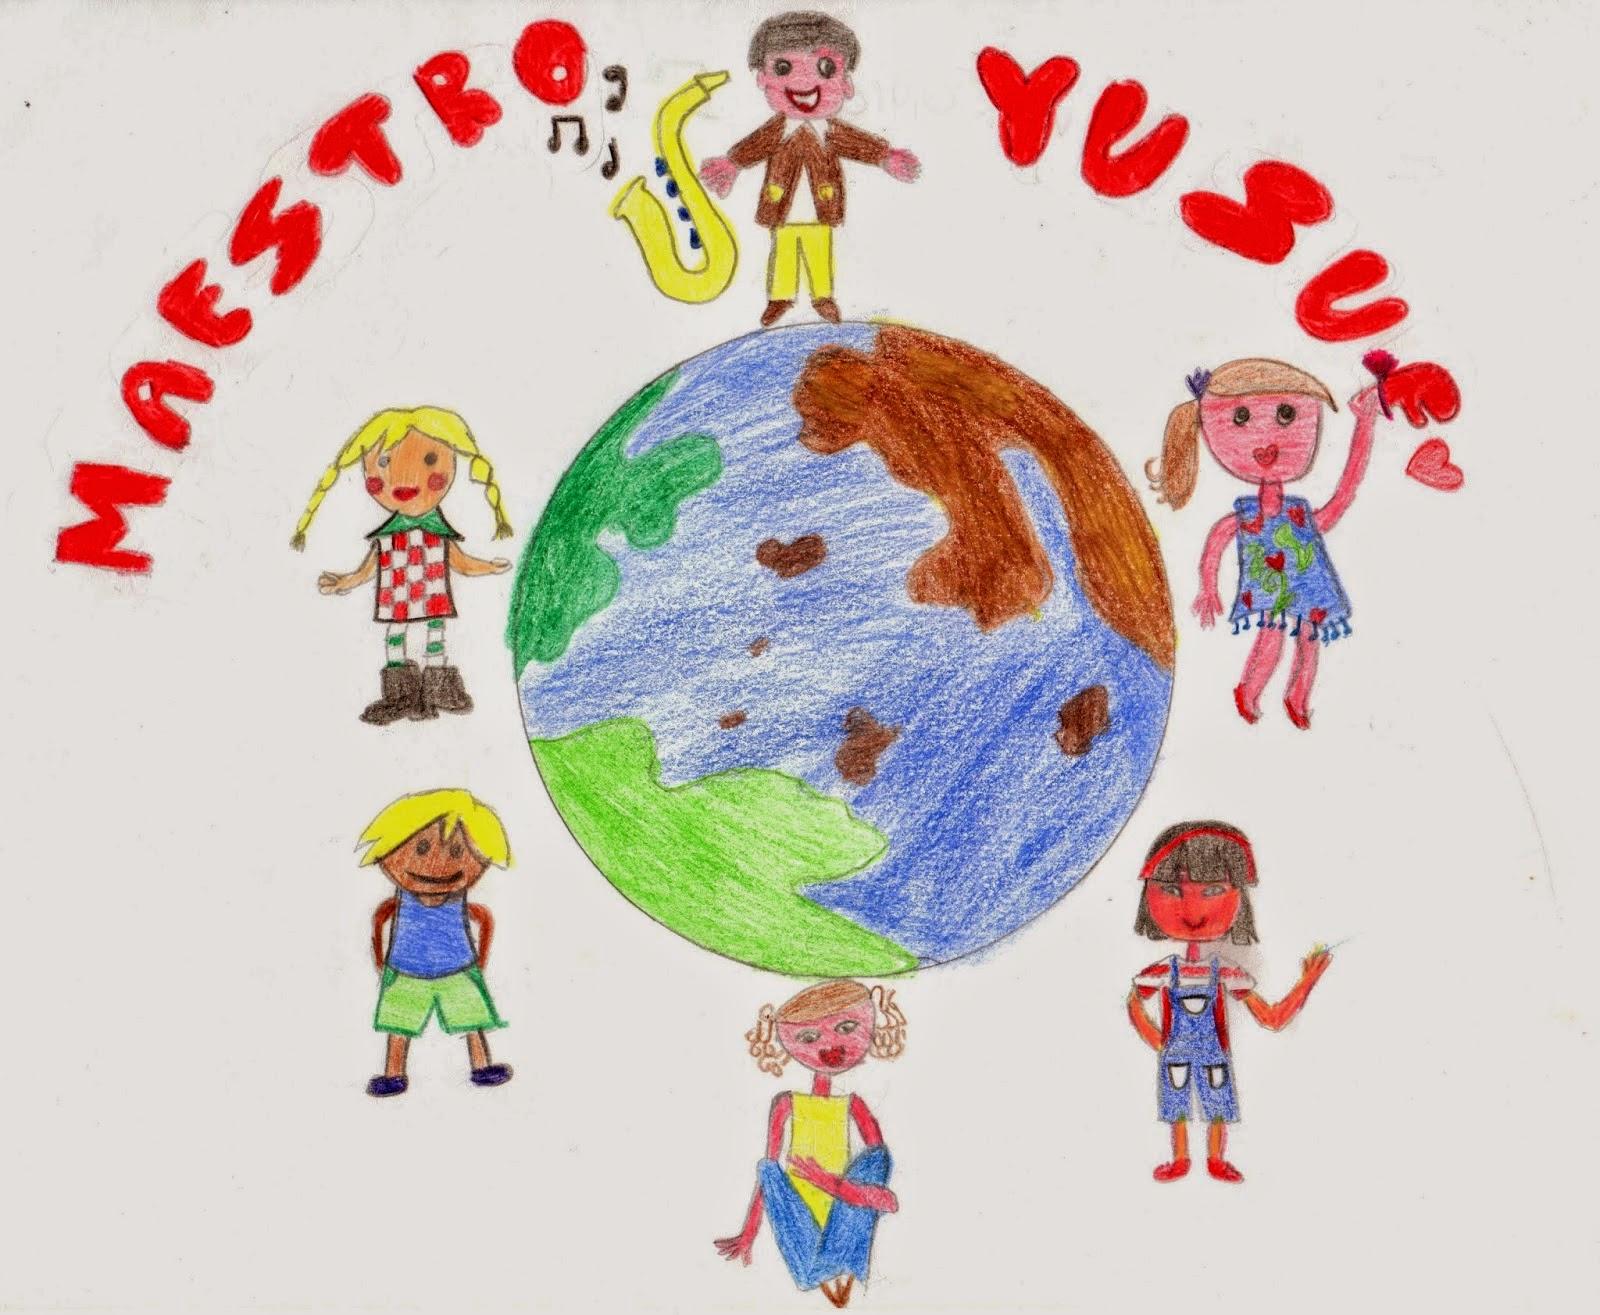 Maestro yusuf concorso quot realizza il logo per